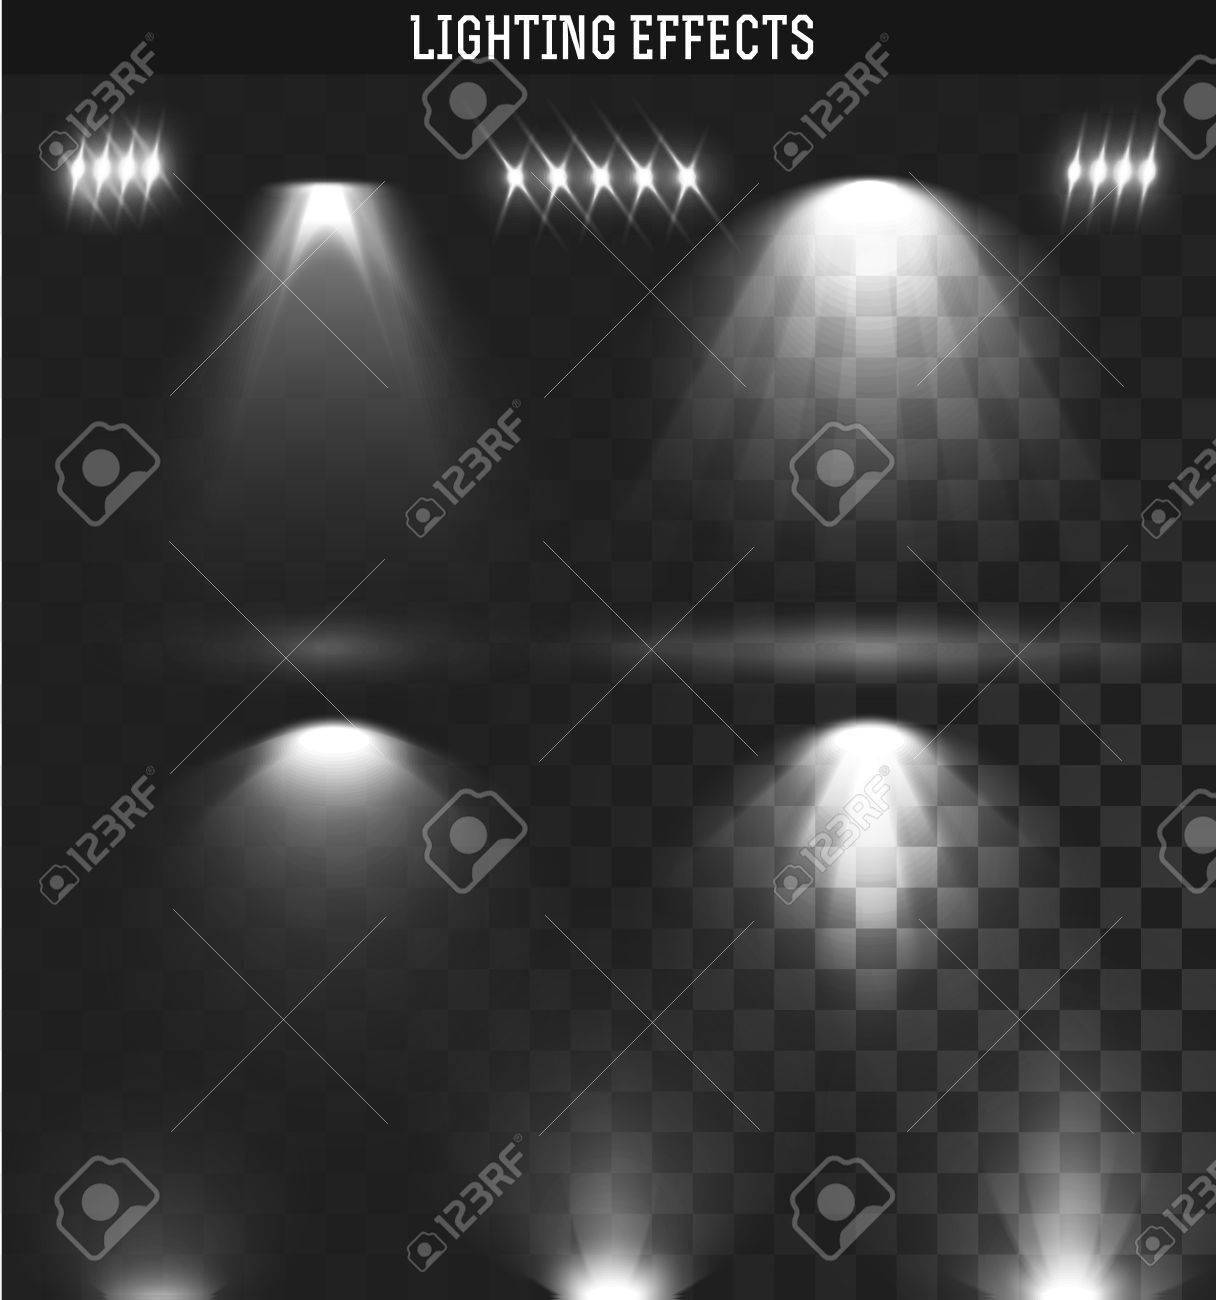 conjunto de efectos de luz ies luz del proyector aislado realista iluminacin ies